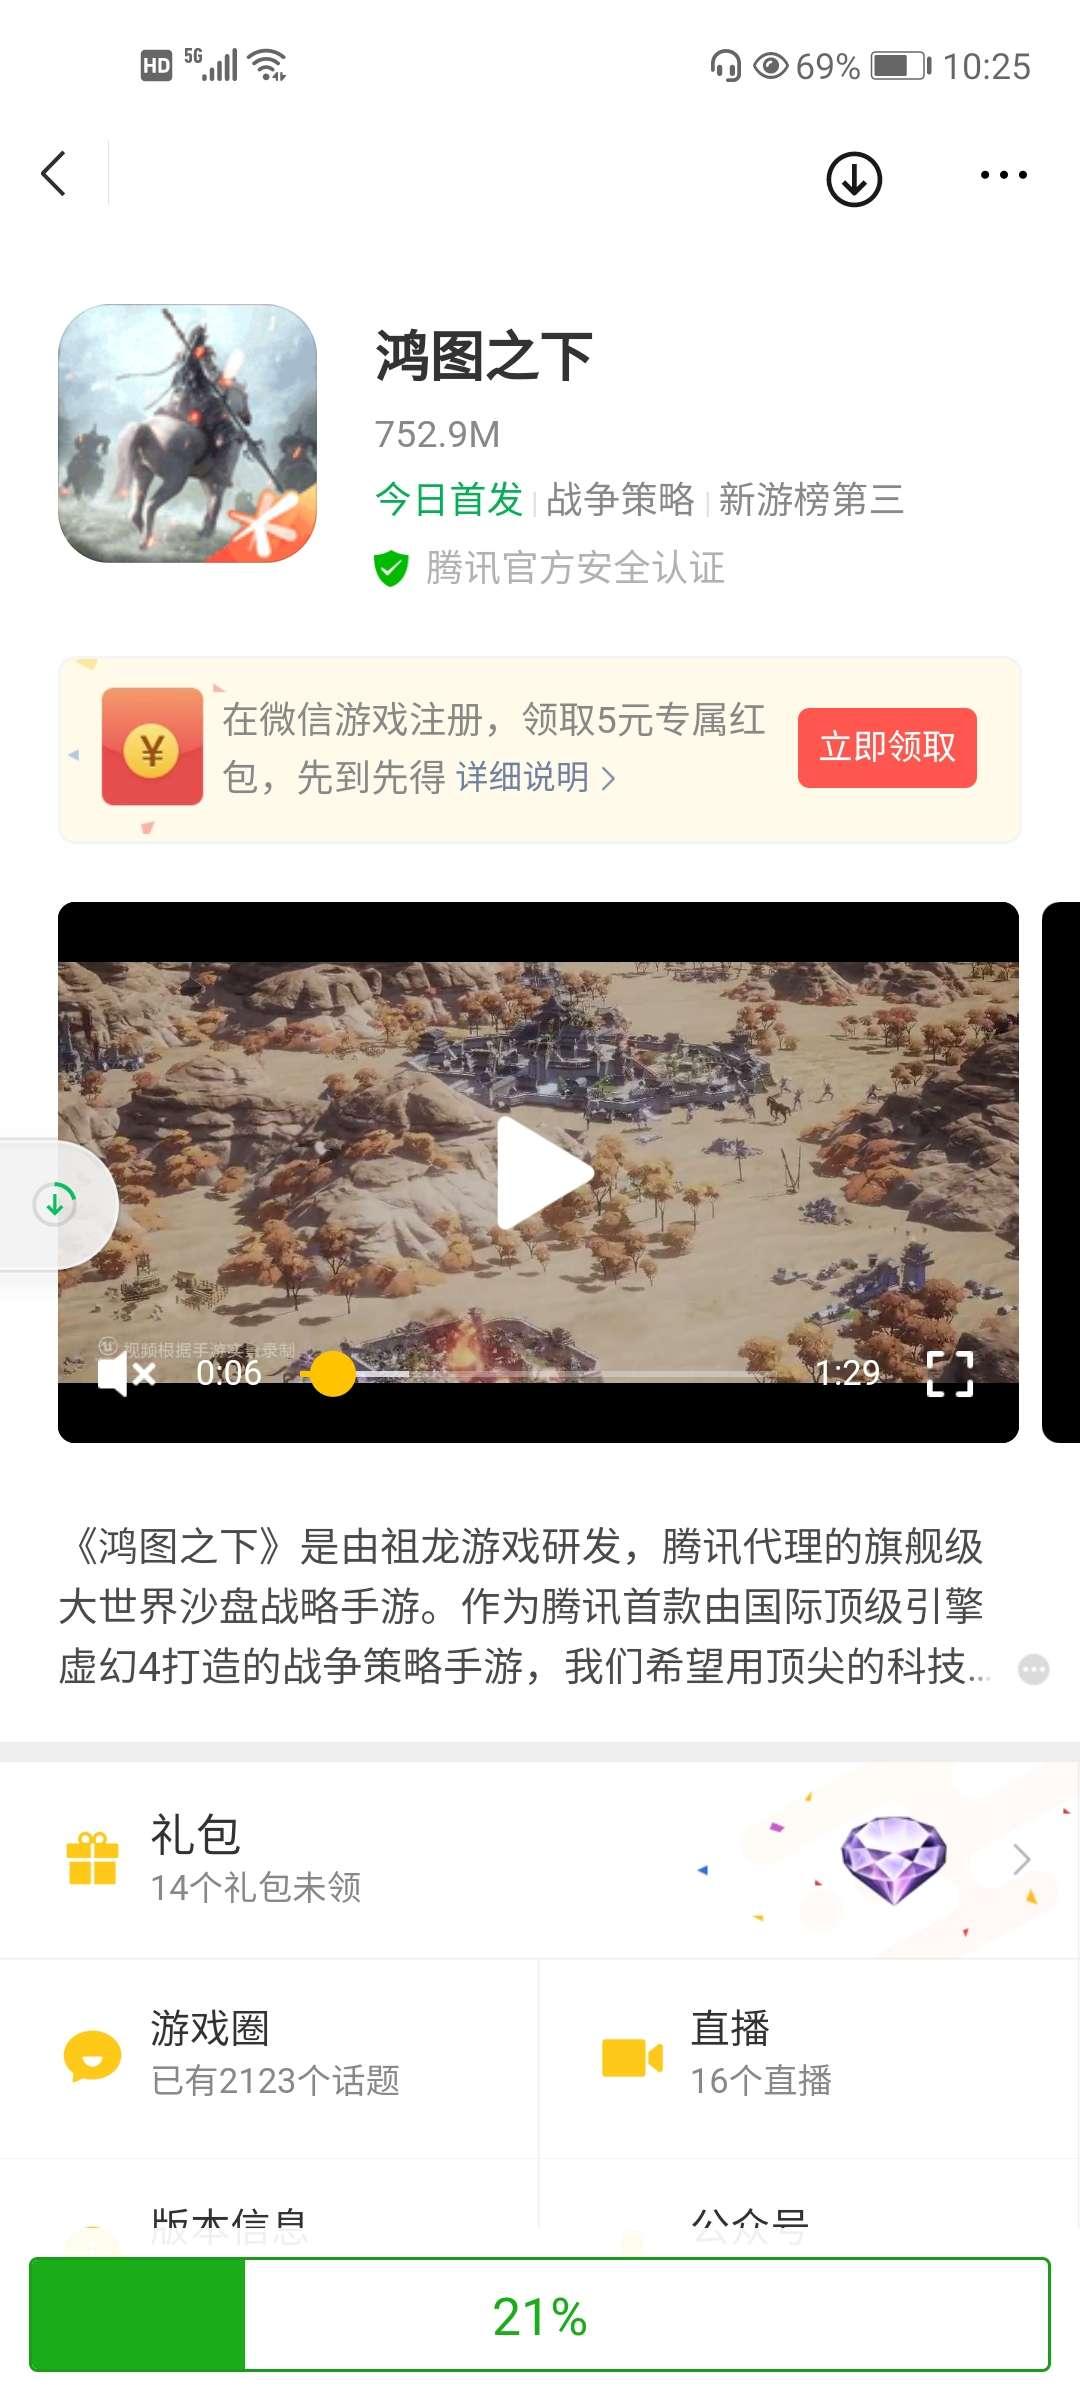 【现金红包】微信下载游戏鸿图之下领红包